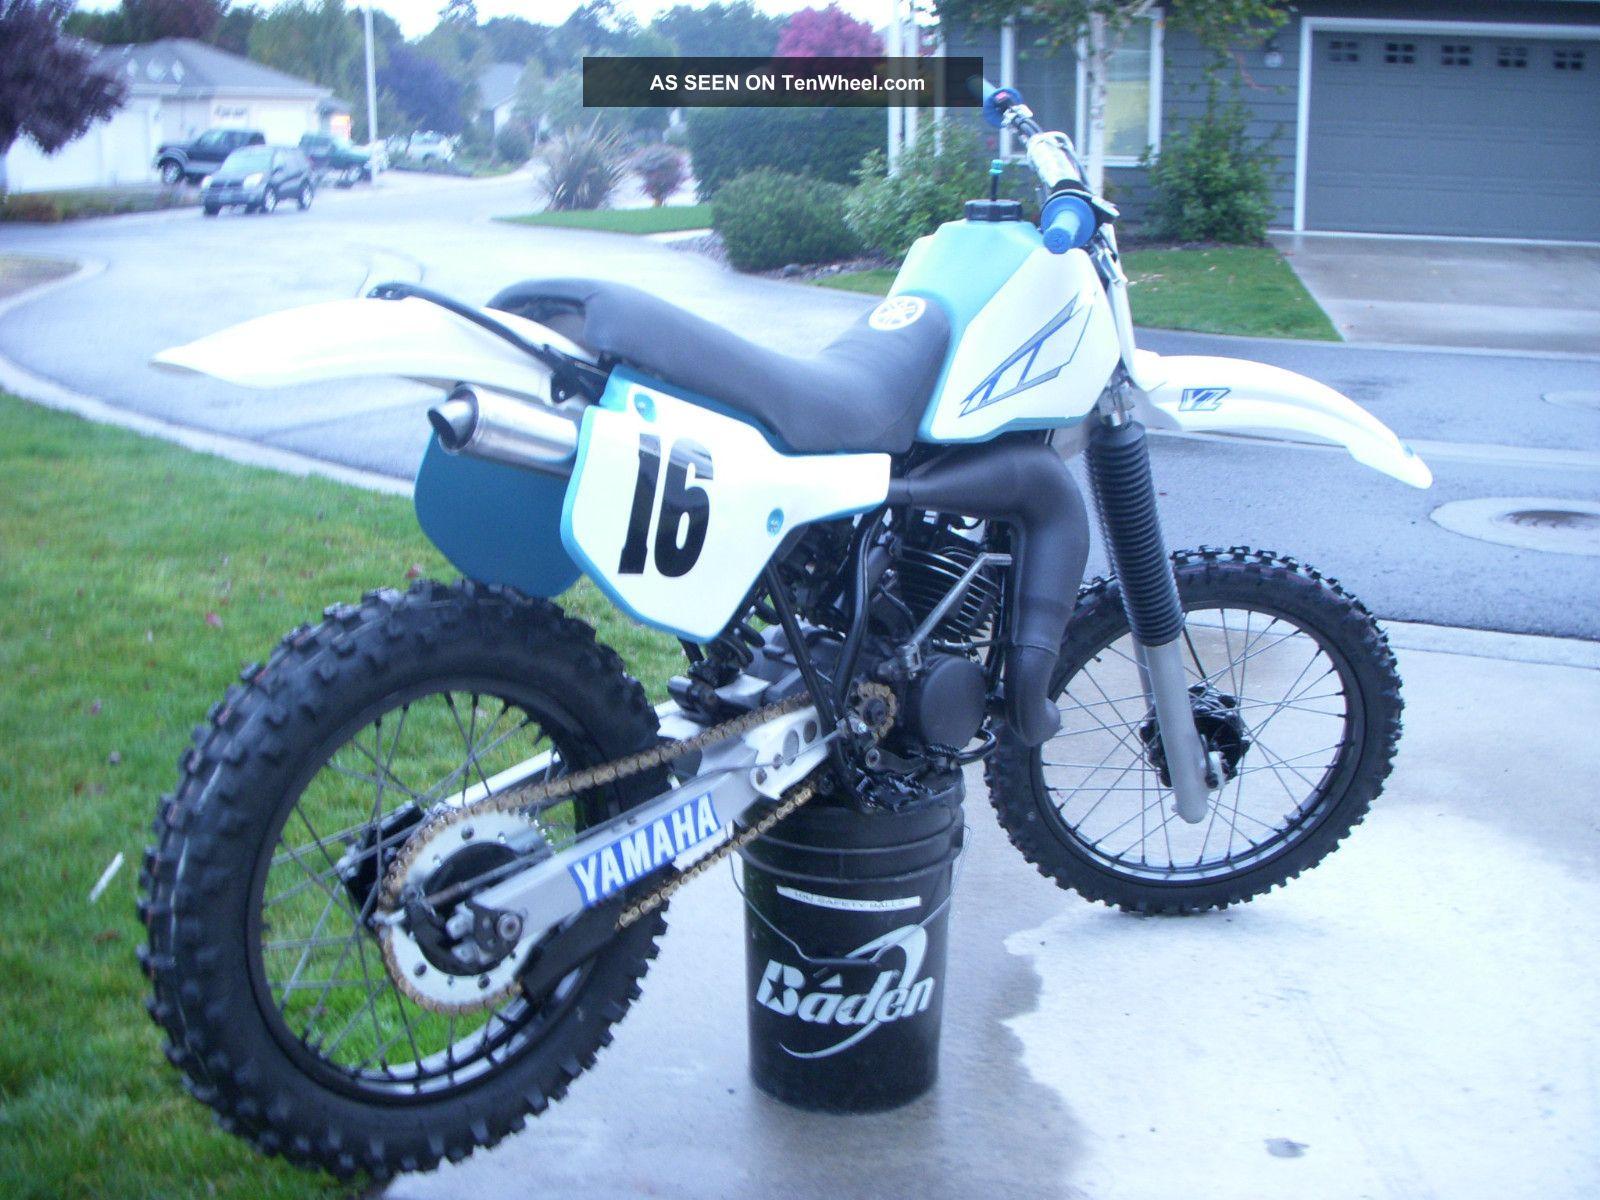 1985 Yamaha It200 Other photo